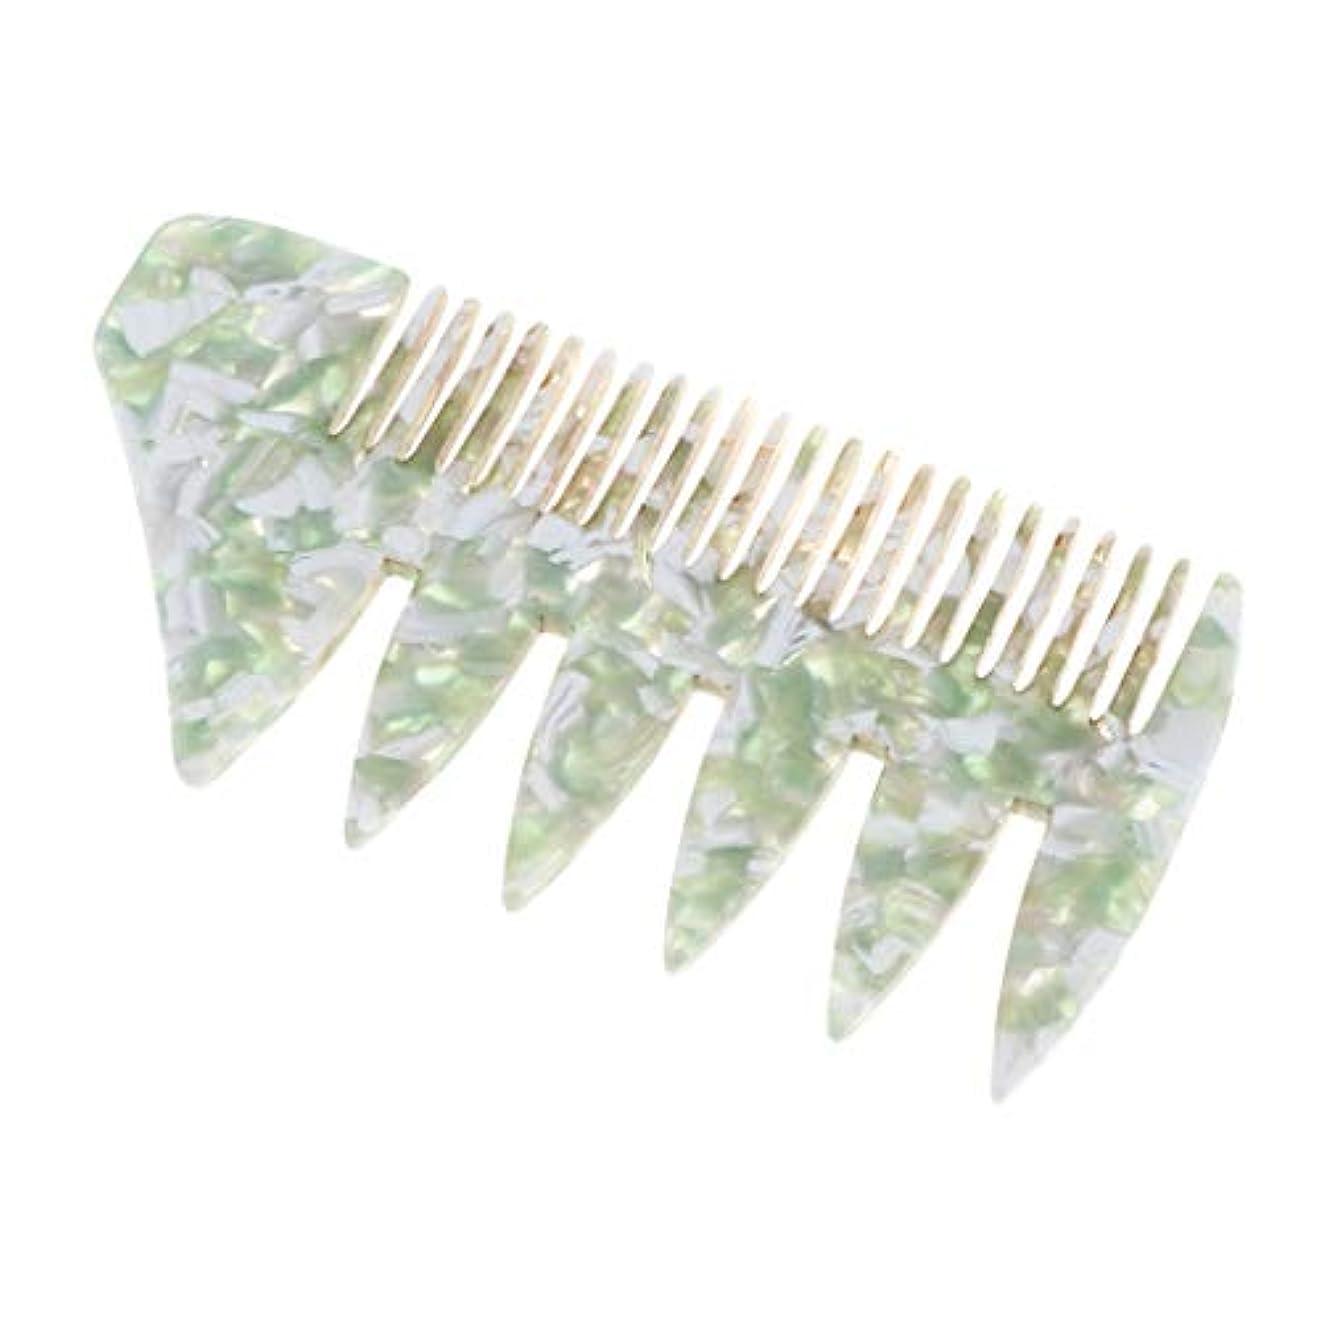 びんテクニカル懐疑的プラスチック 広い歯 ヘアスタイリング櫛 くし 全4色 - 緑